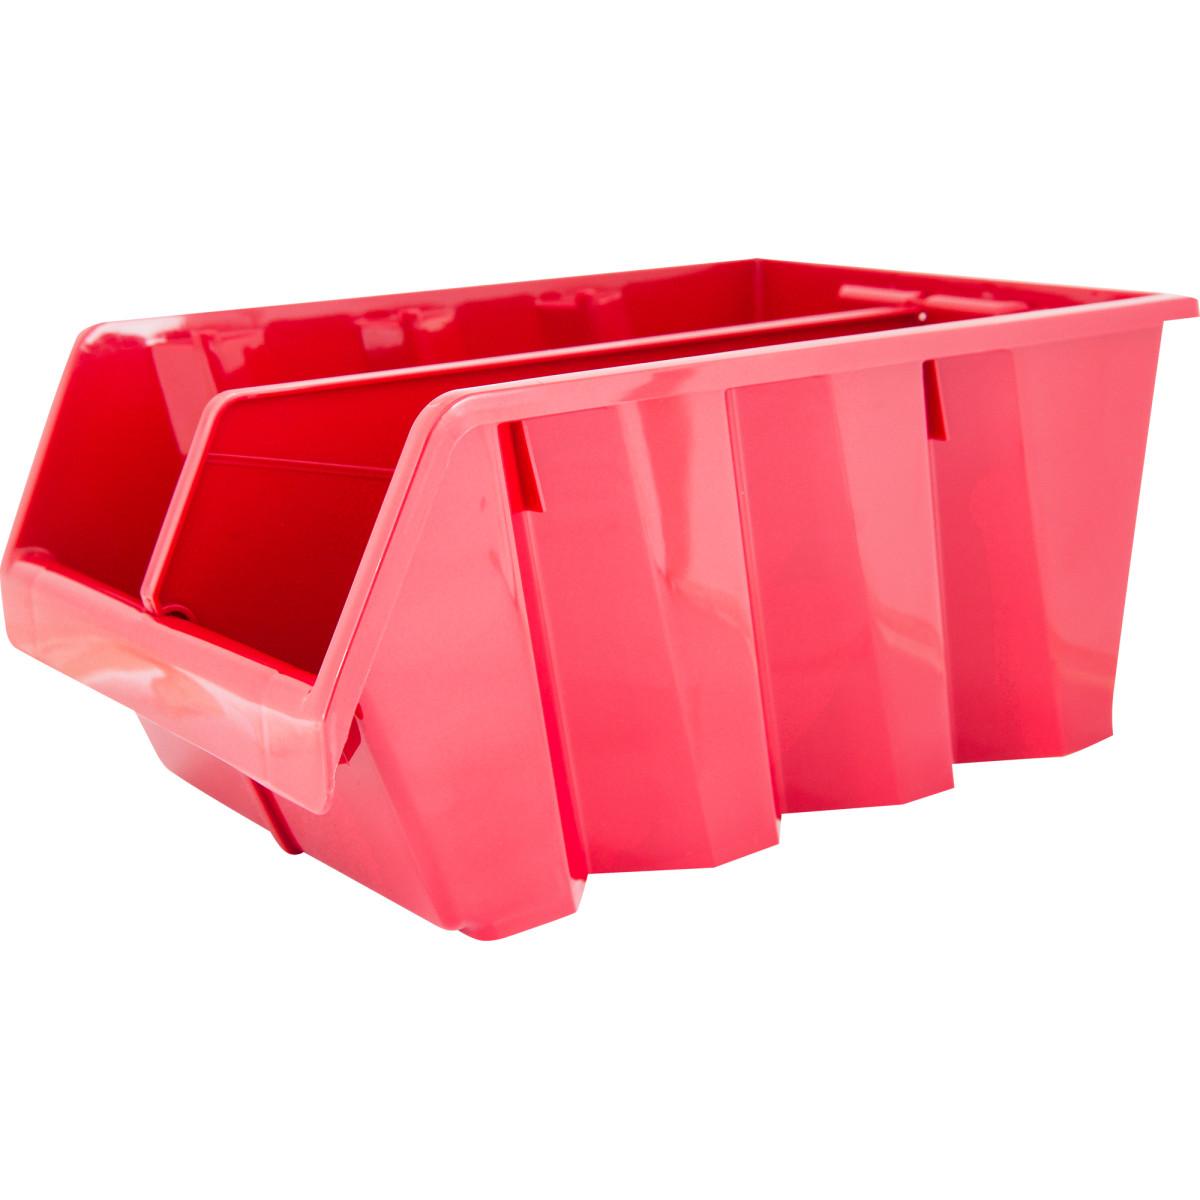 Лоток Volf 21.5х33х15.5 см пластик цвет красный